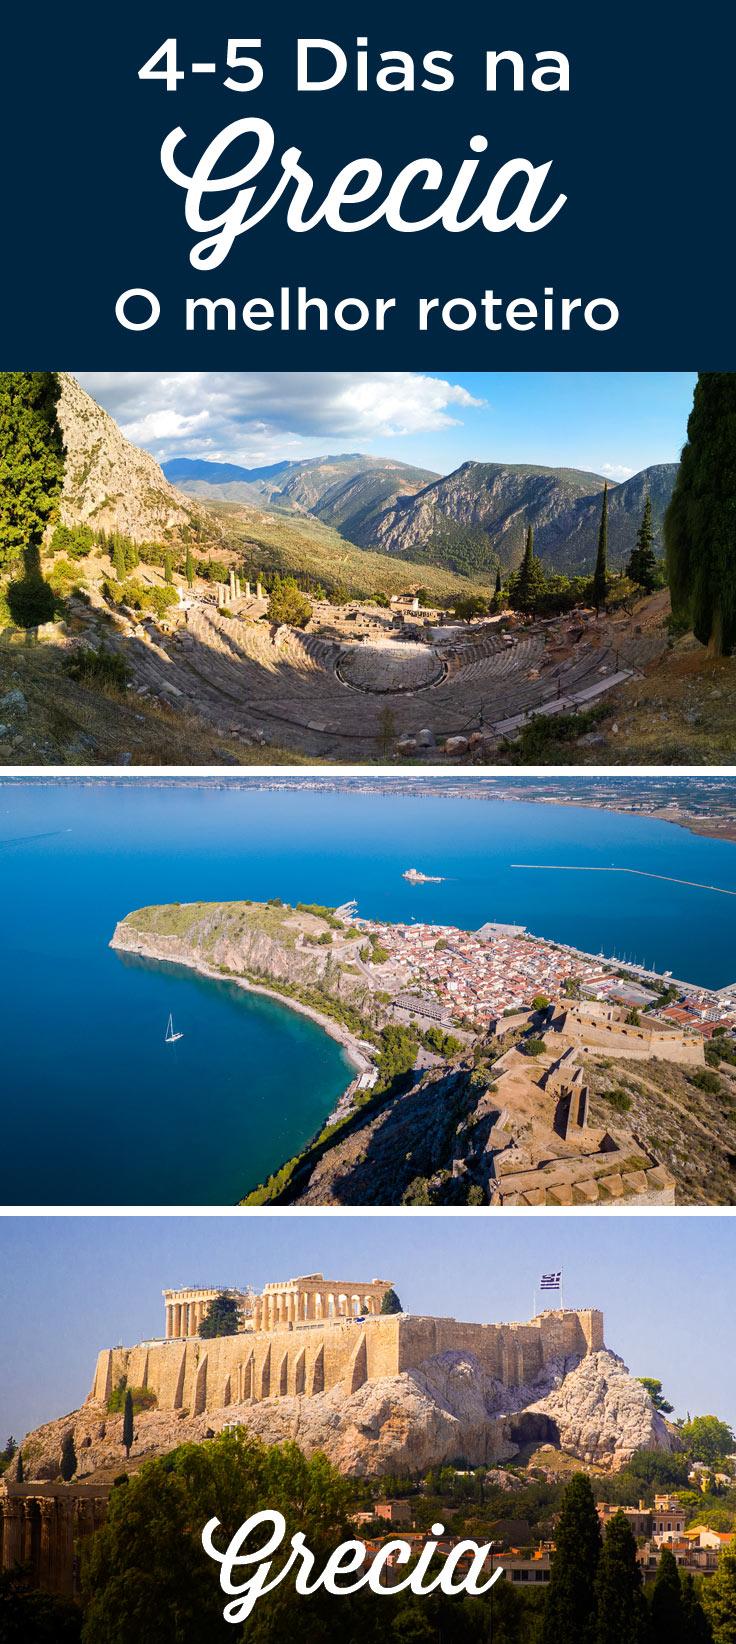 4-5 dias na Grecia